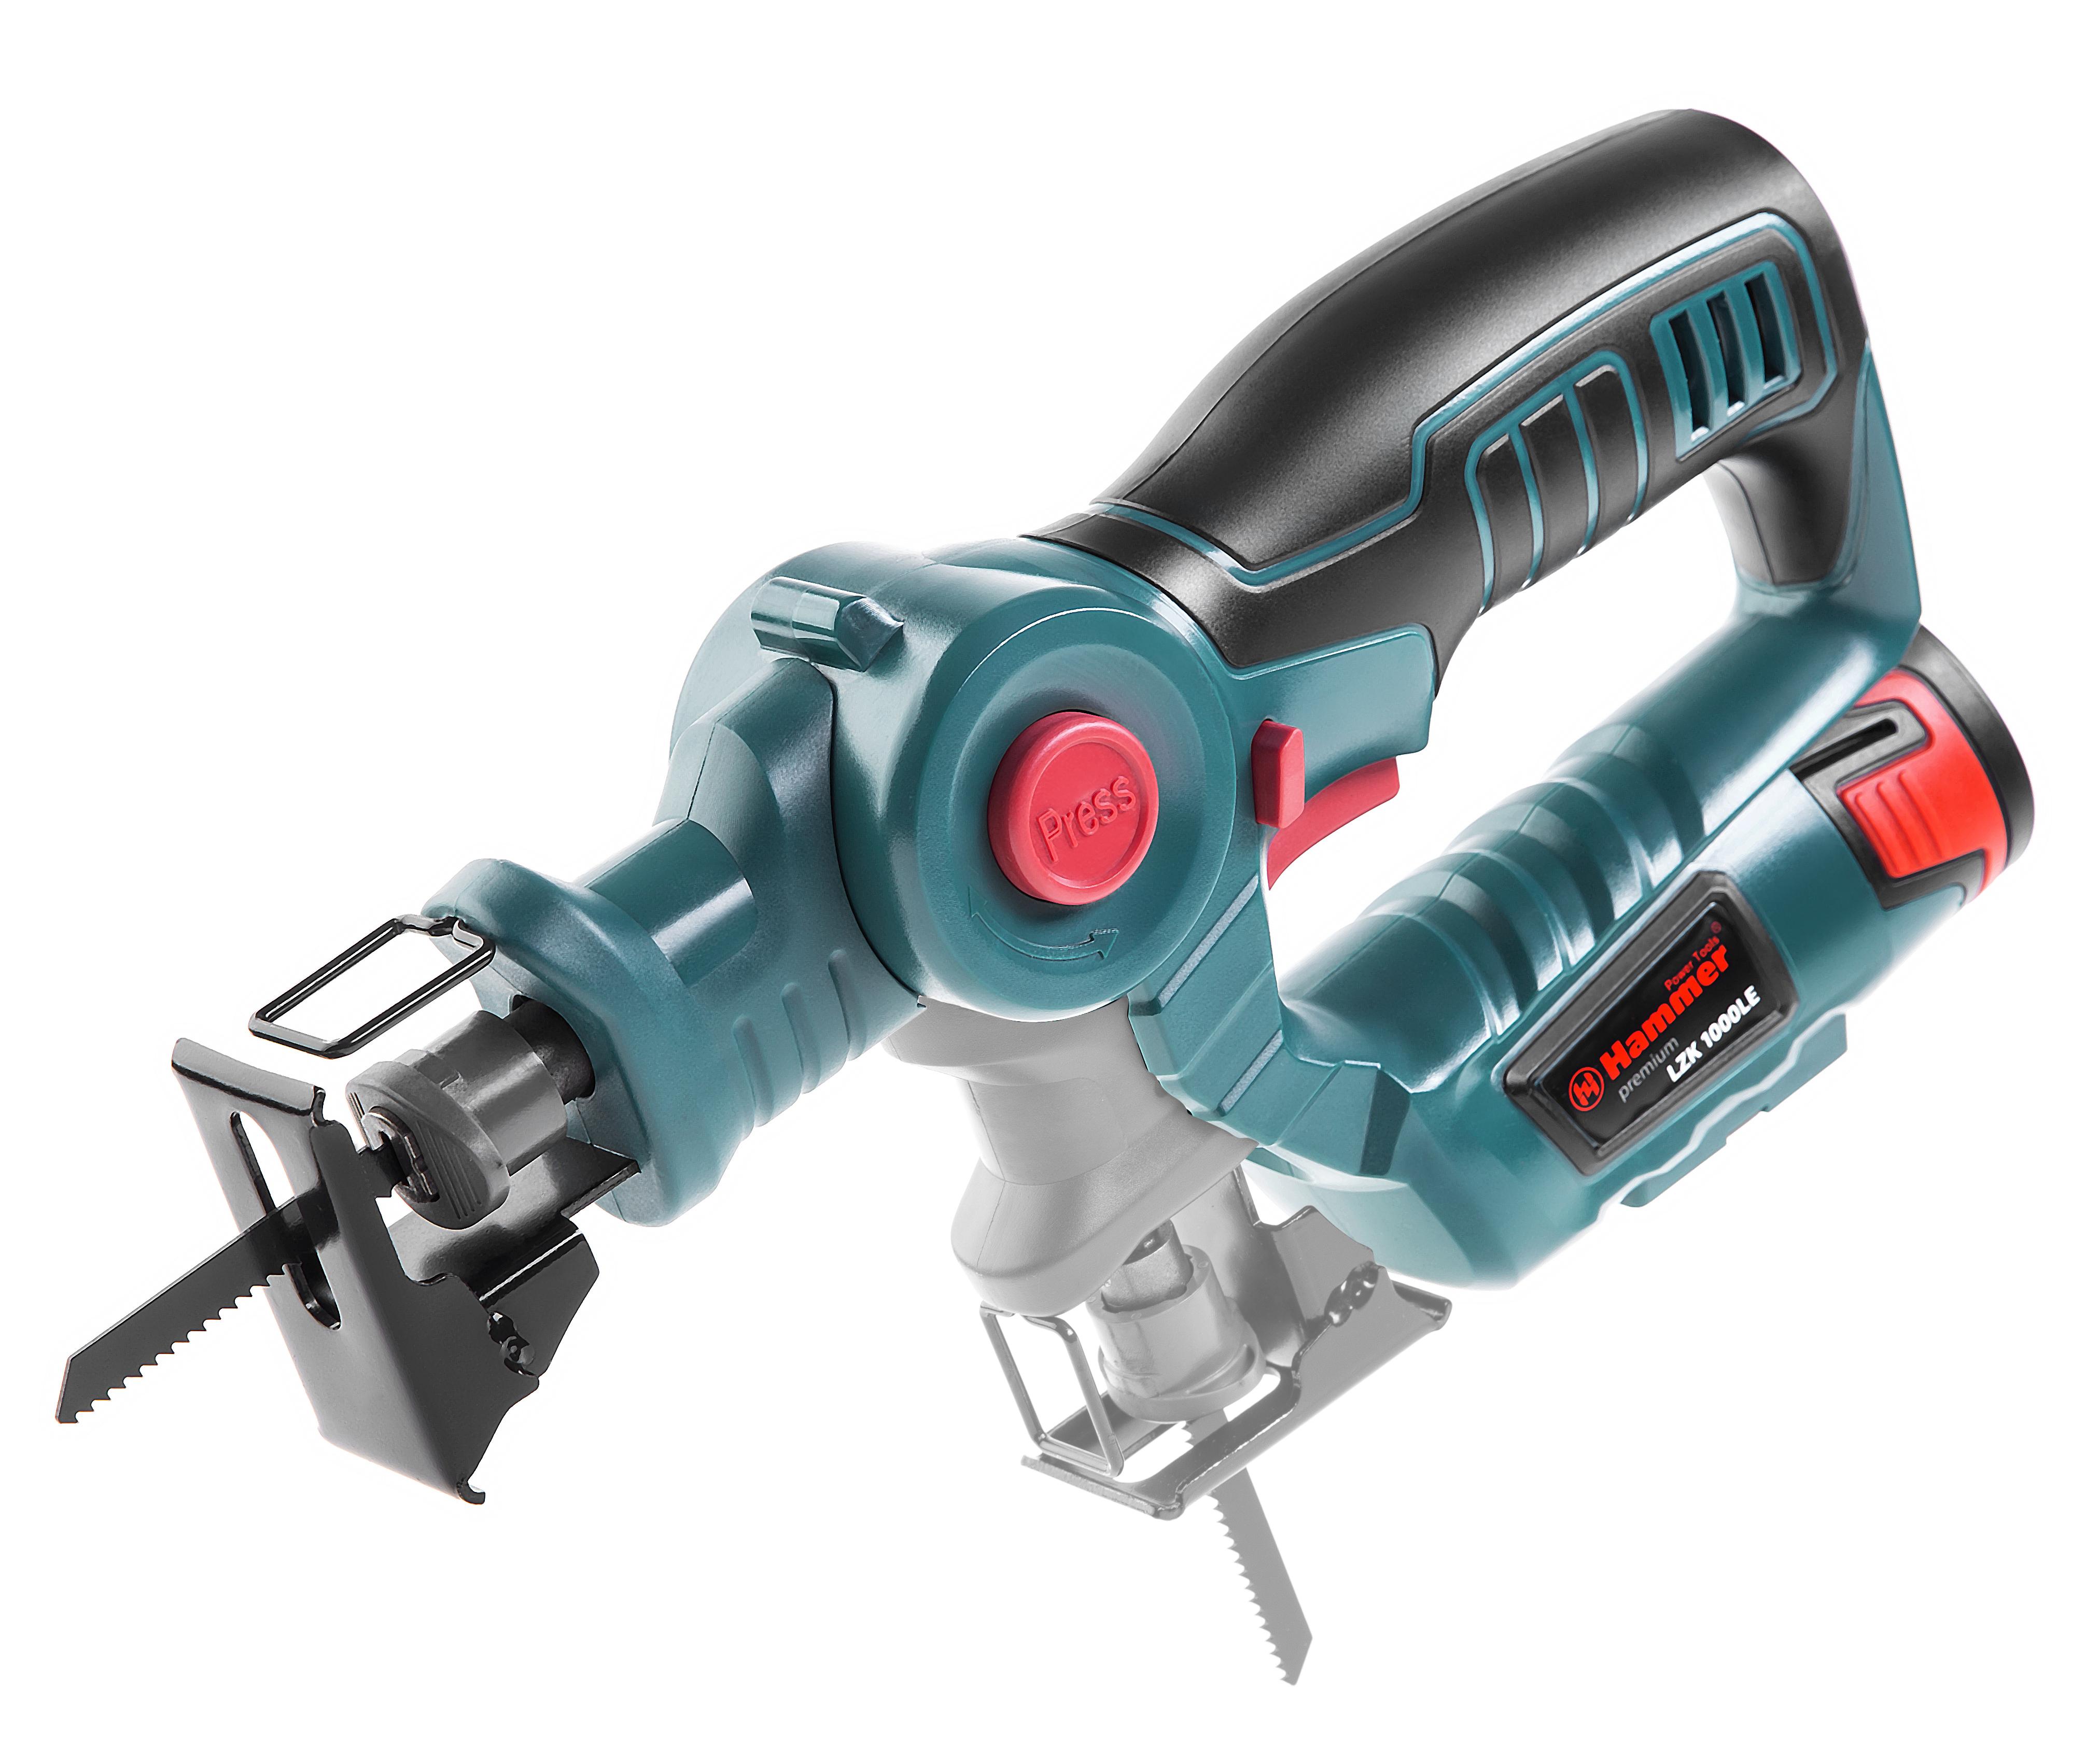 Аккумуляторный лобзик Hammer Lzk1000le premium harper rsb 105 green монопод